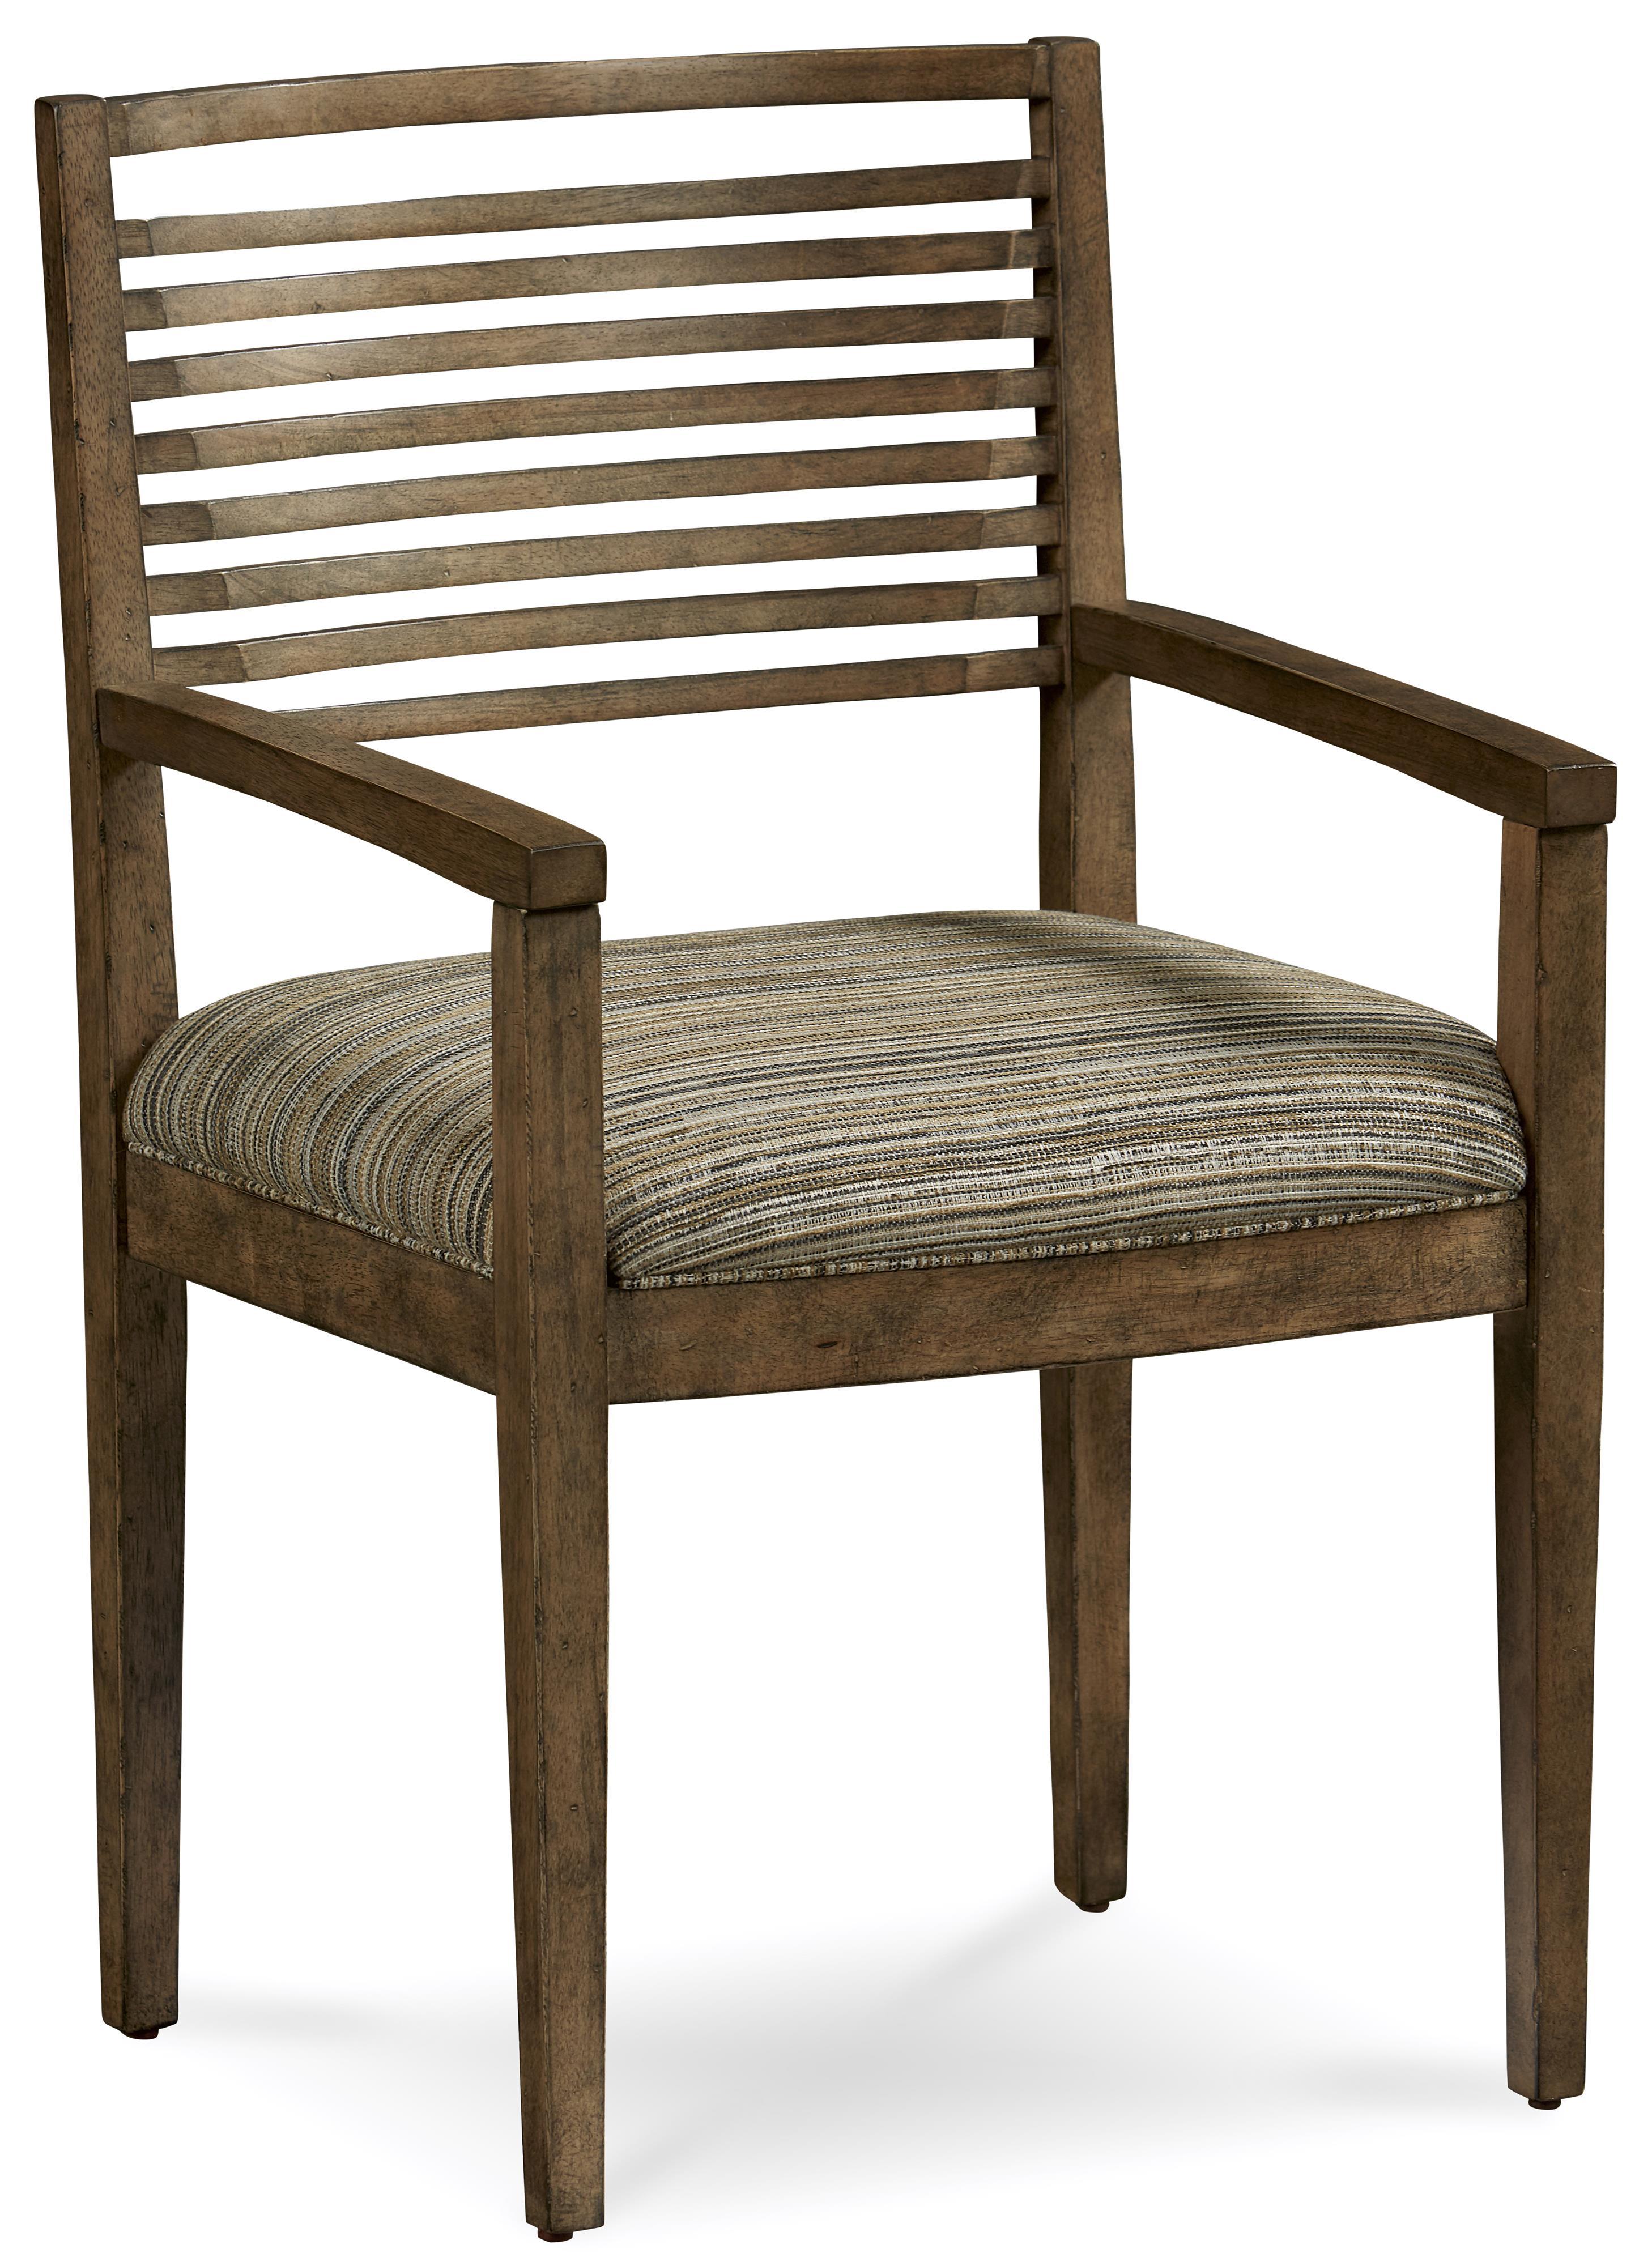 Belfort Signature Urban Treasures Shaw Slat-Back Arm Chair - Item Number: 223205-2302